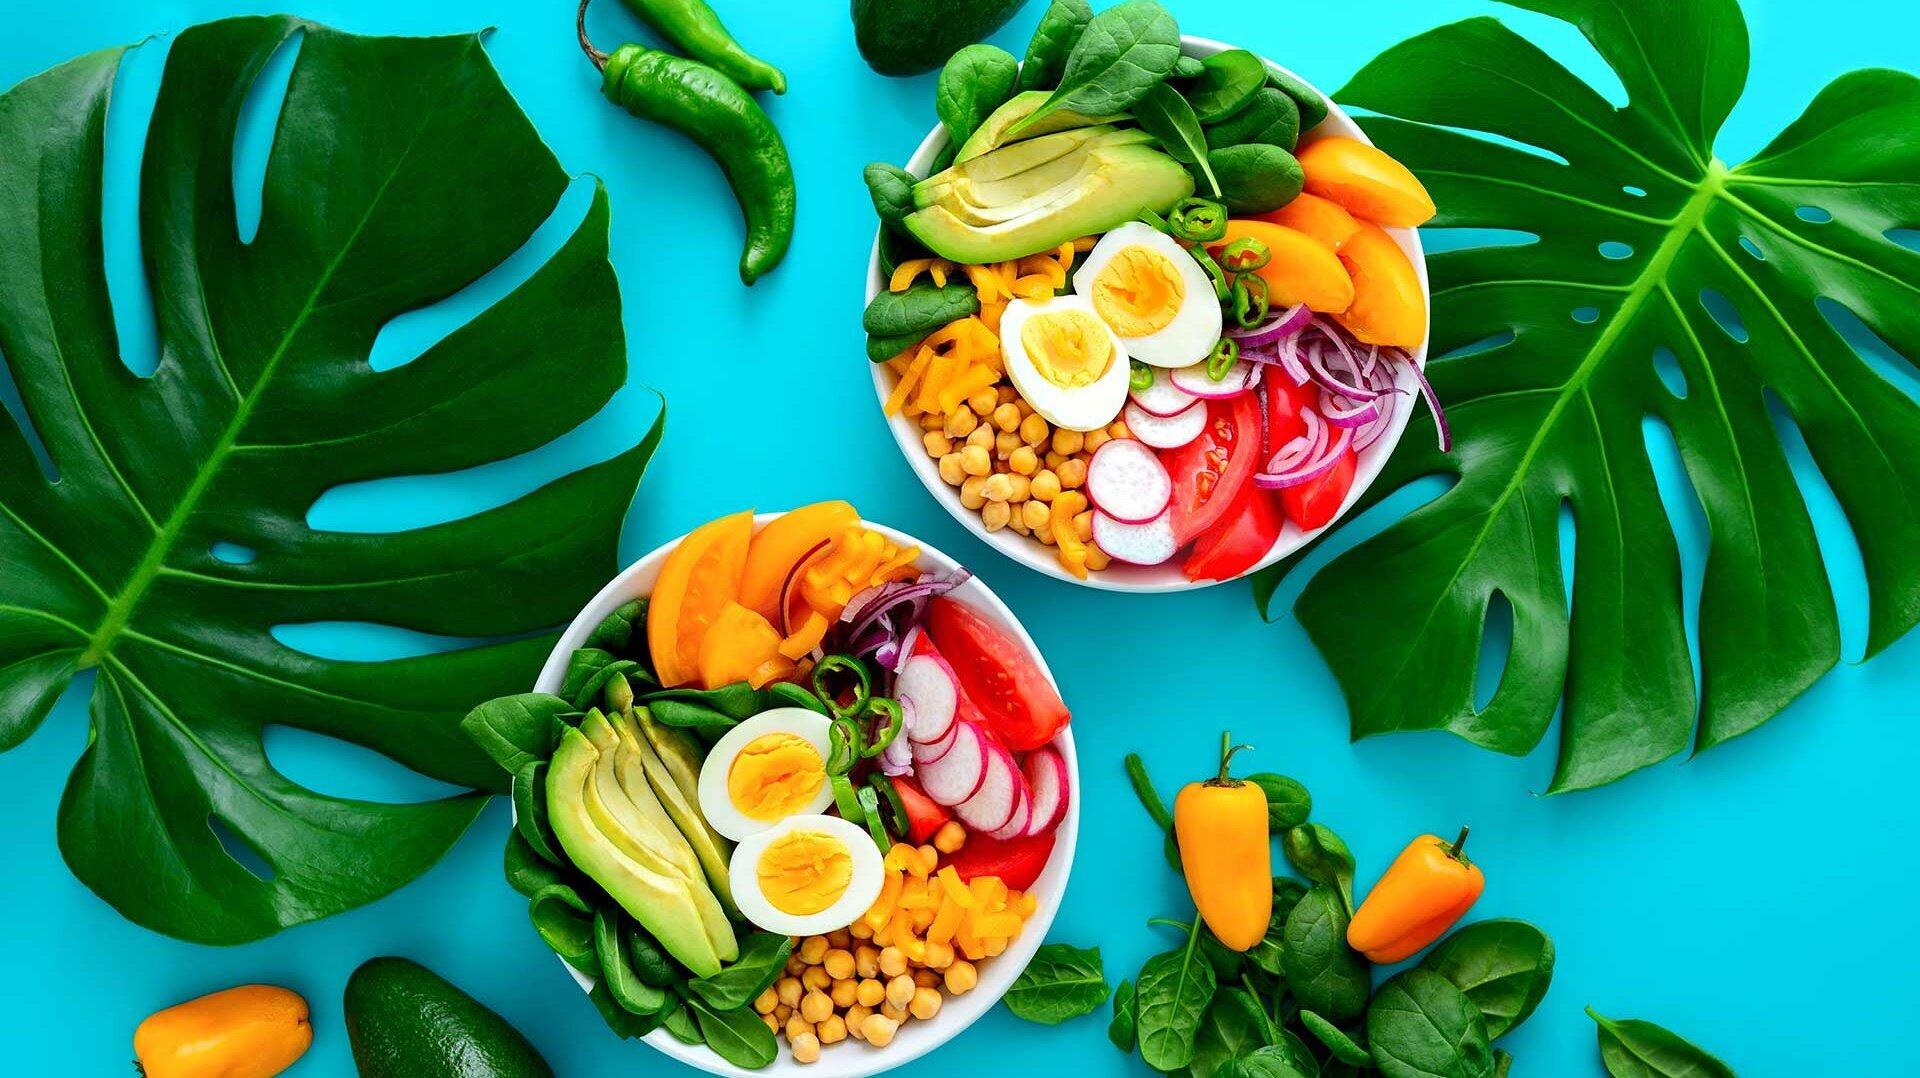 Bunte Salat-Gemüse-Bowl mit Avocado, Eiern, Mais und mehr